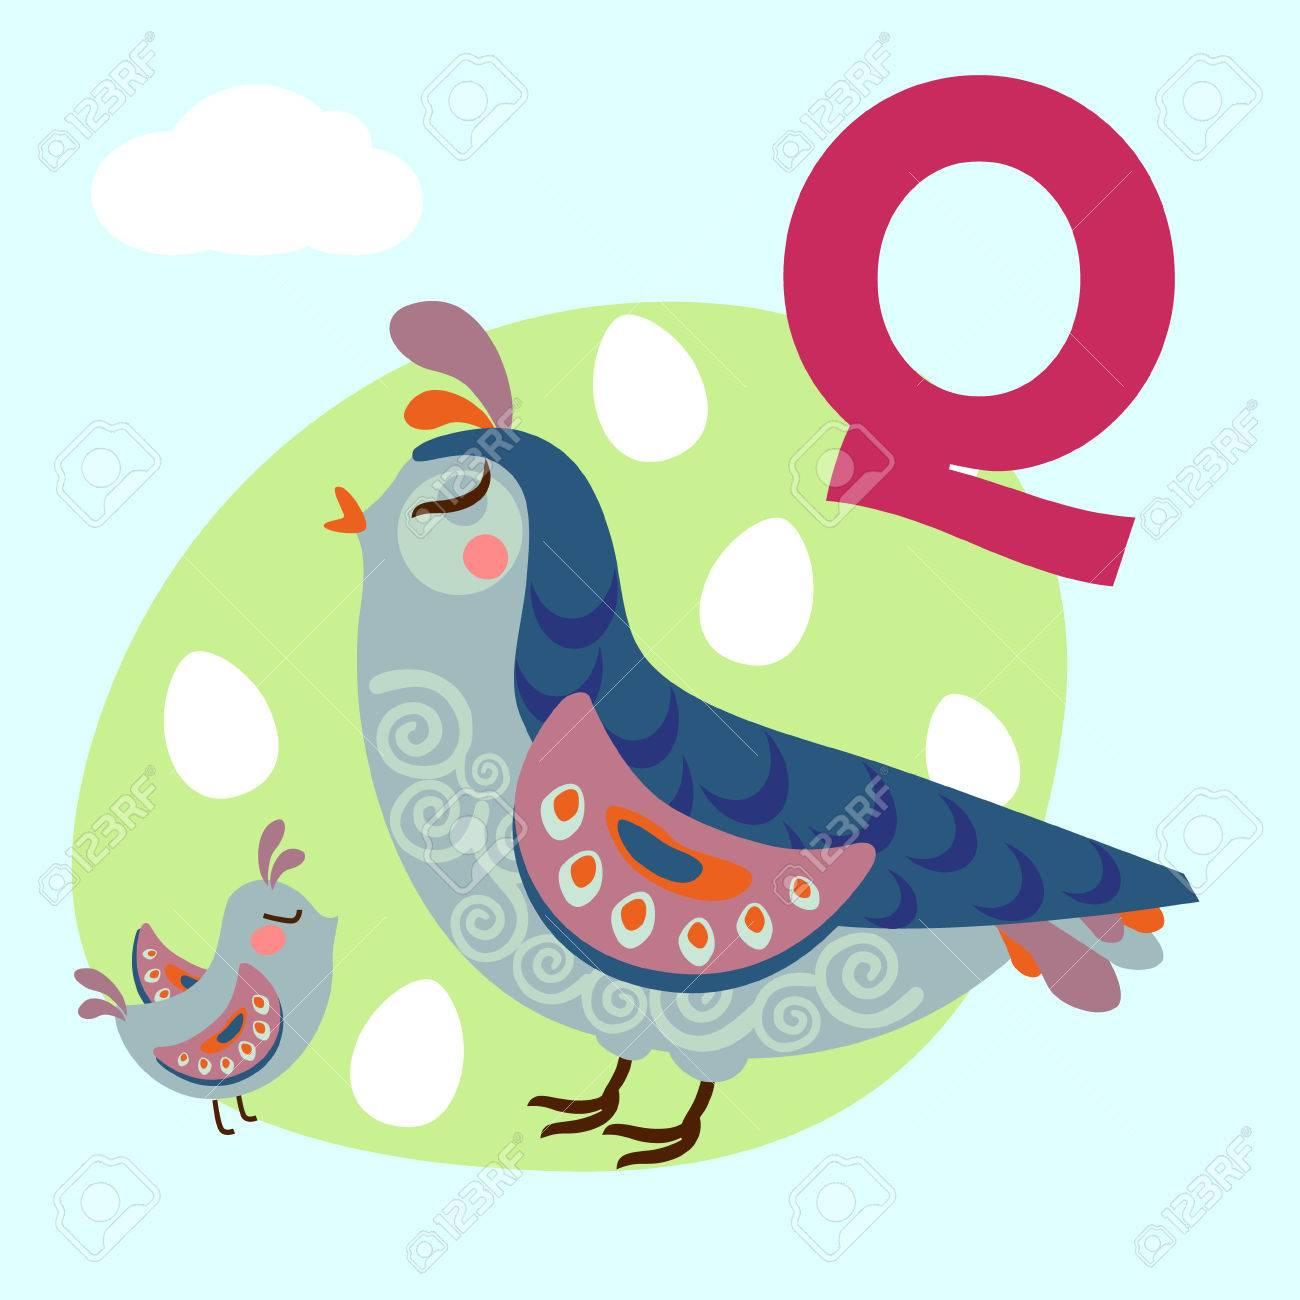 かわいい動物アルファベット abc 本。漫画の動物のベクトル イラスト。q